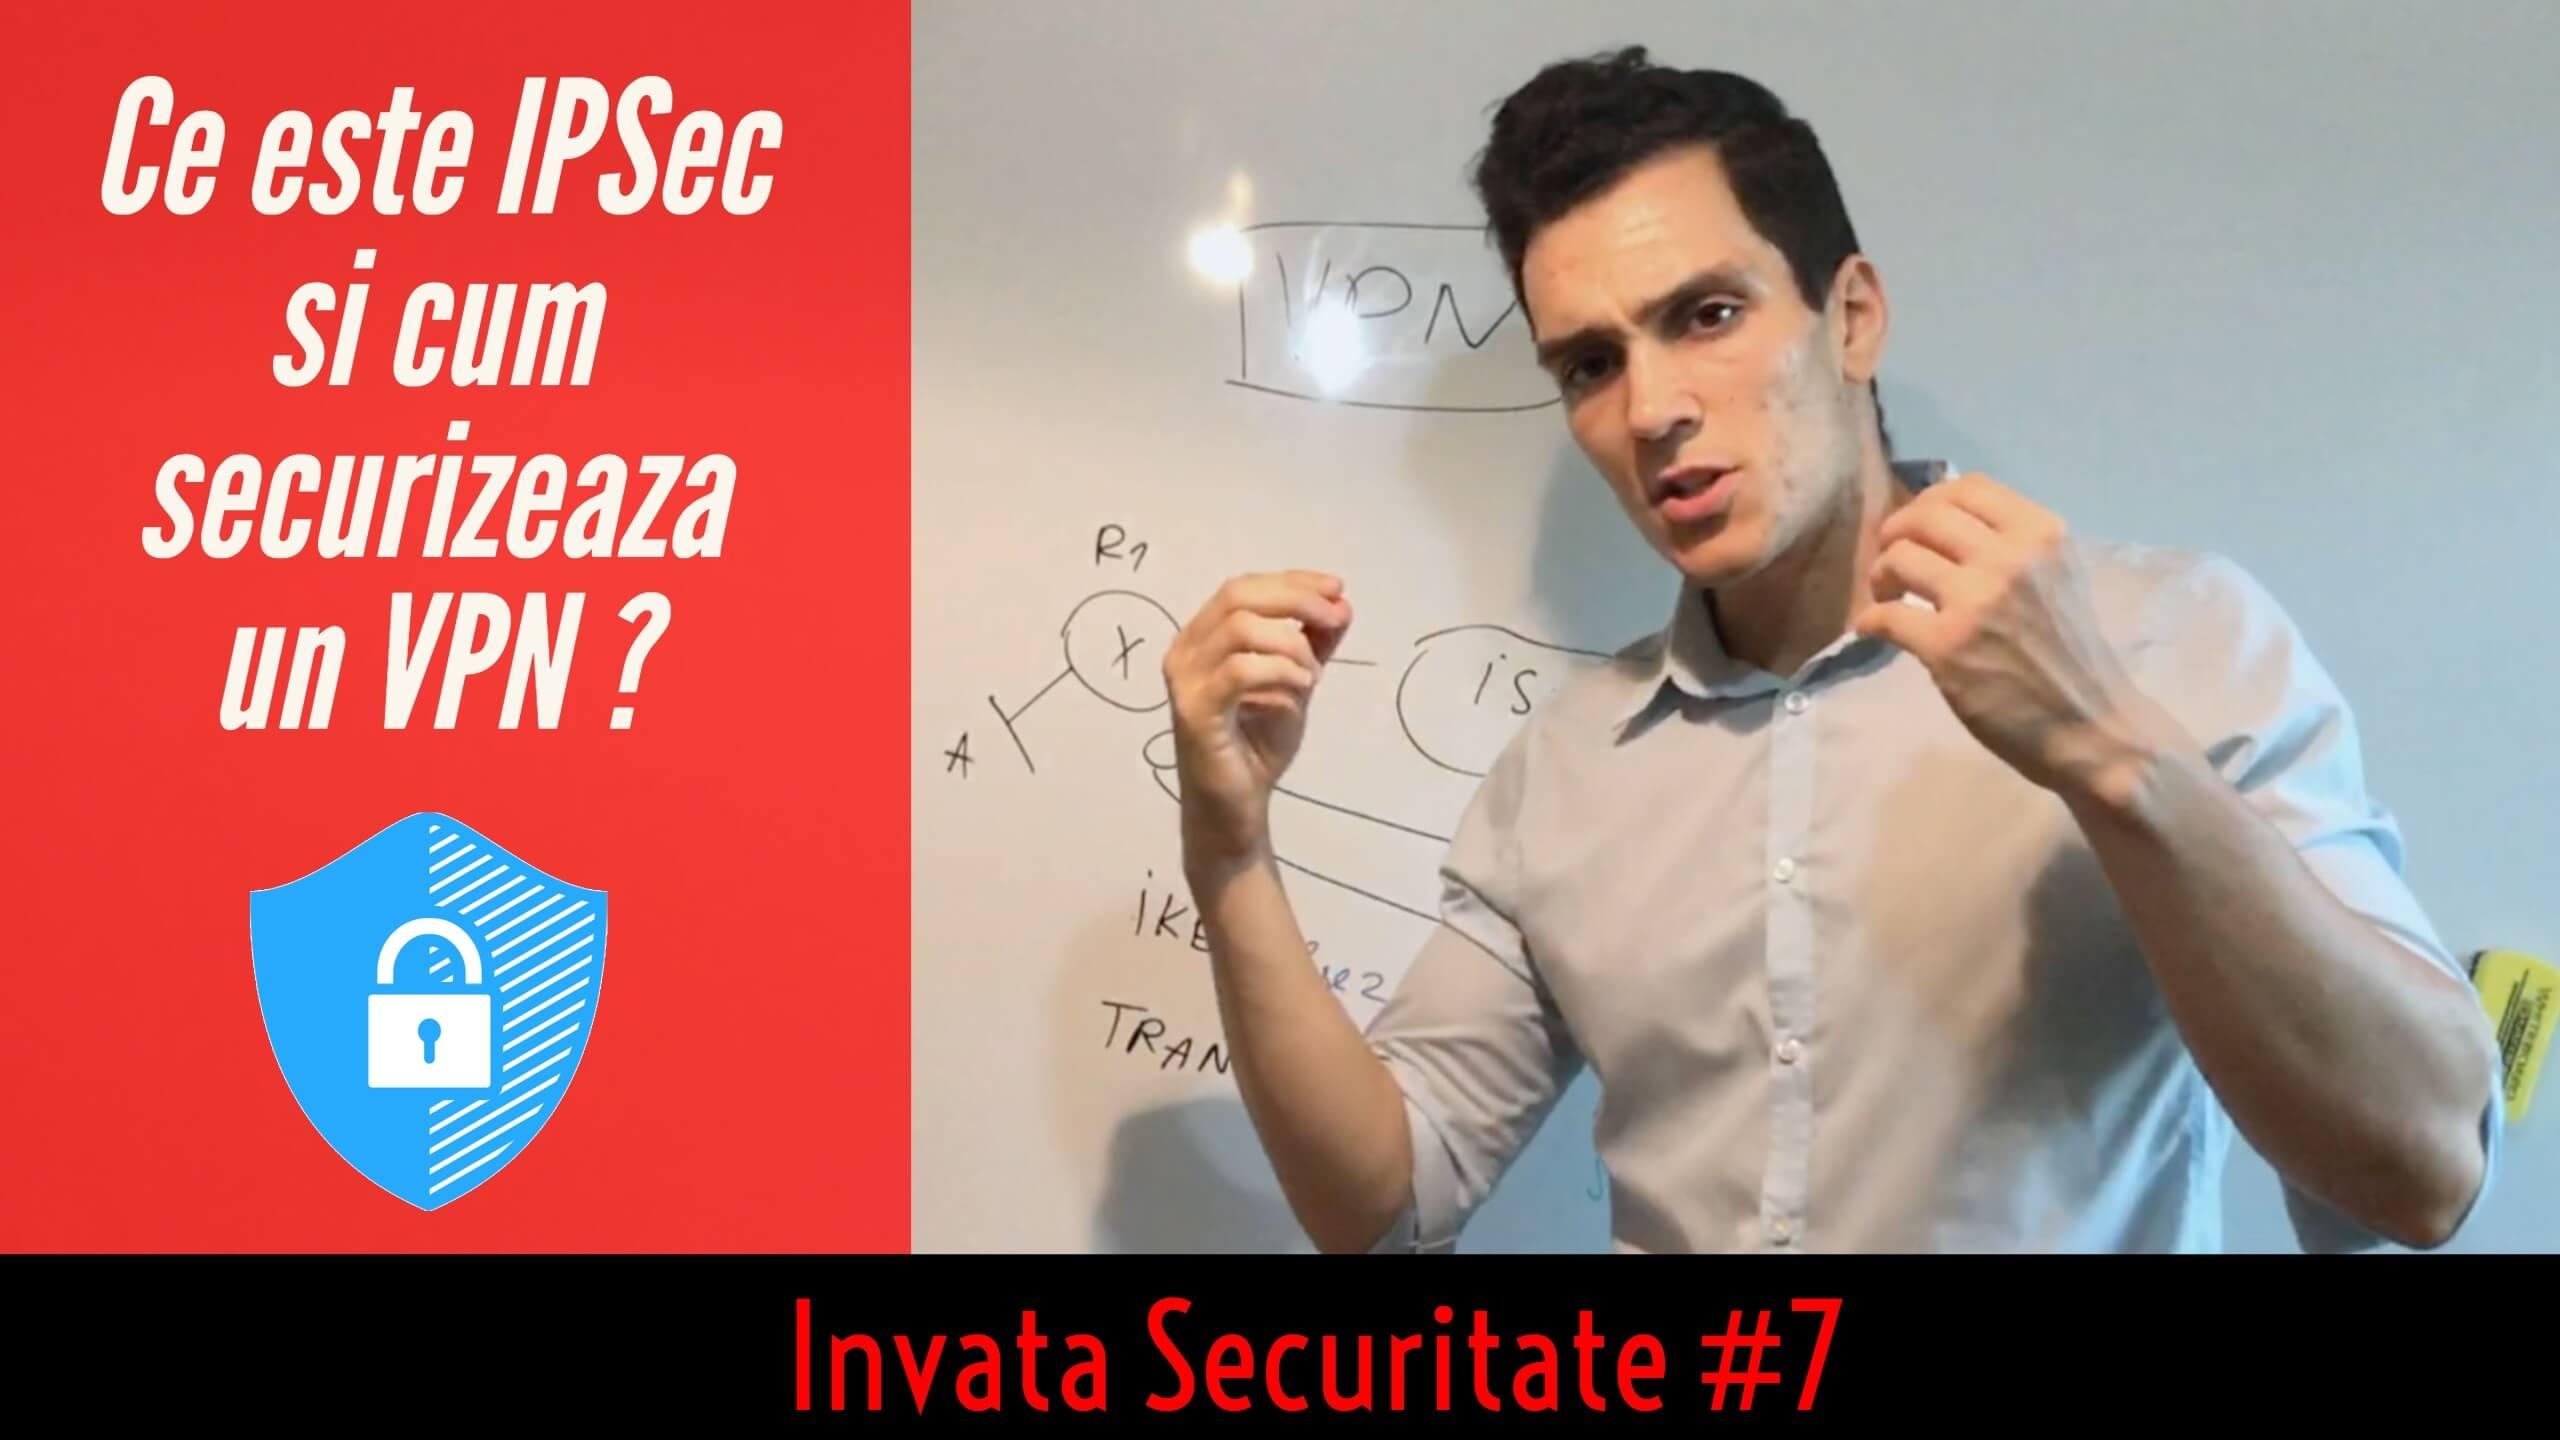 🛡Ce este IPSec si cum ajuta la securizarea unui VPN ? | Invata Securitate #7